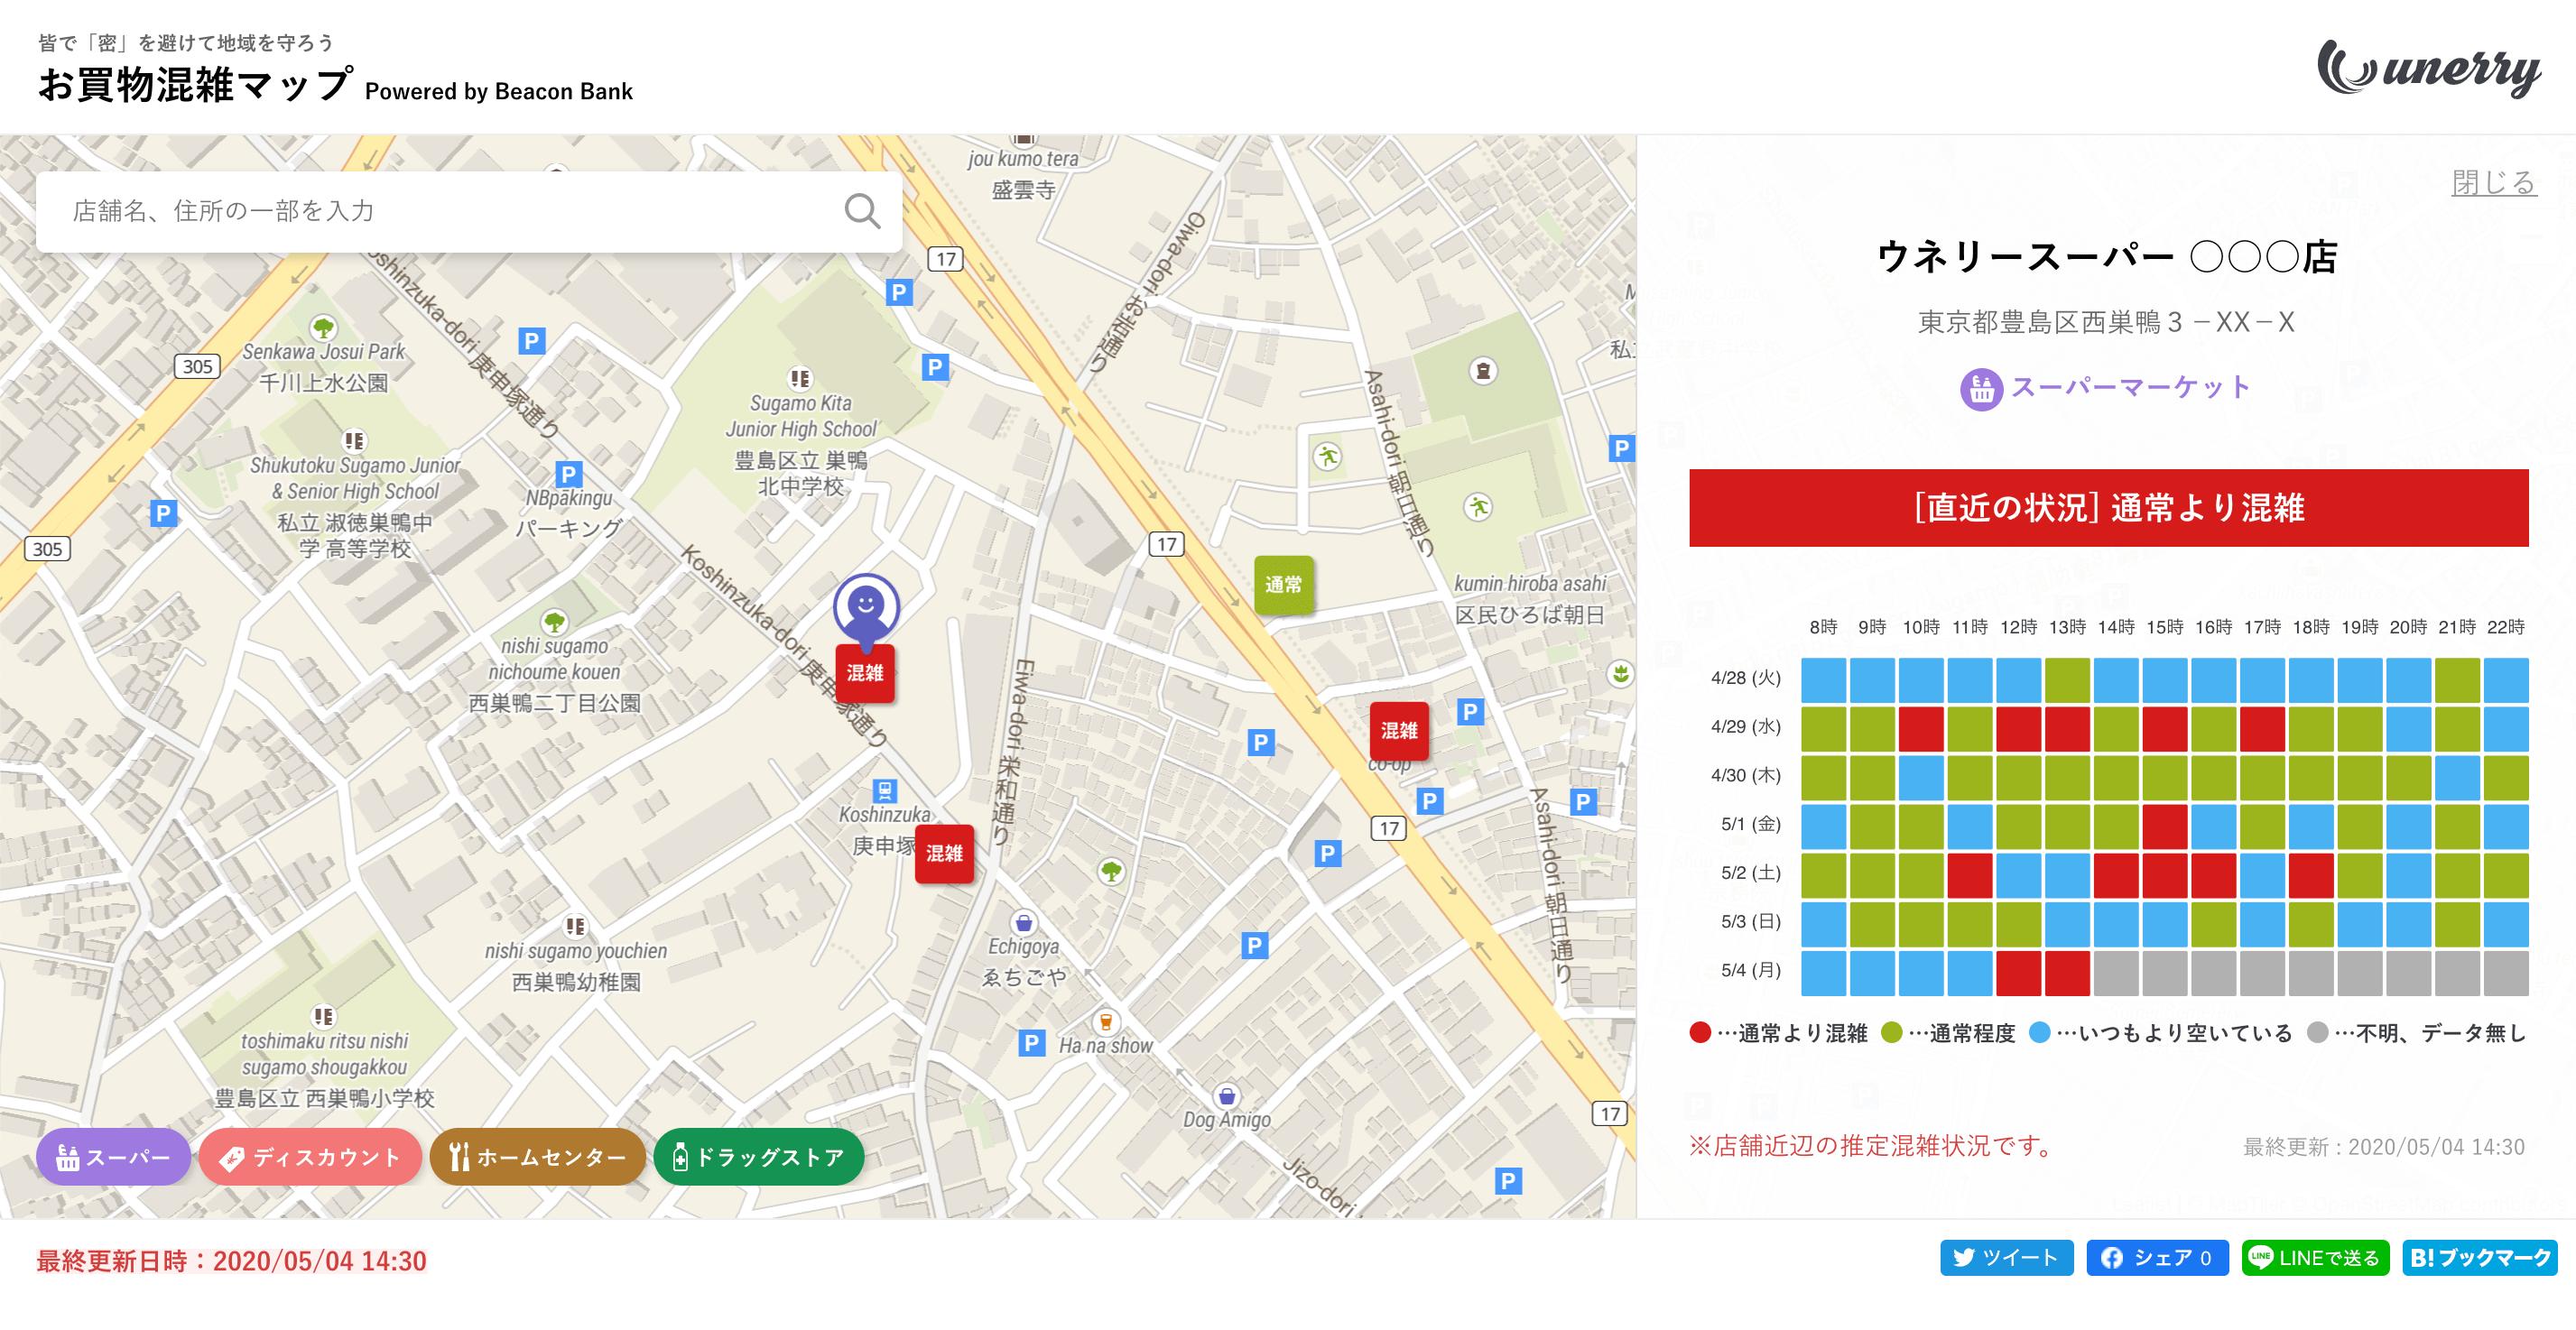 お買物混雑マップ(PC版)